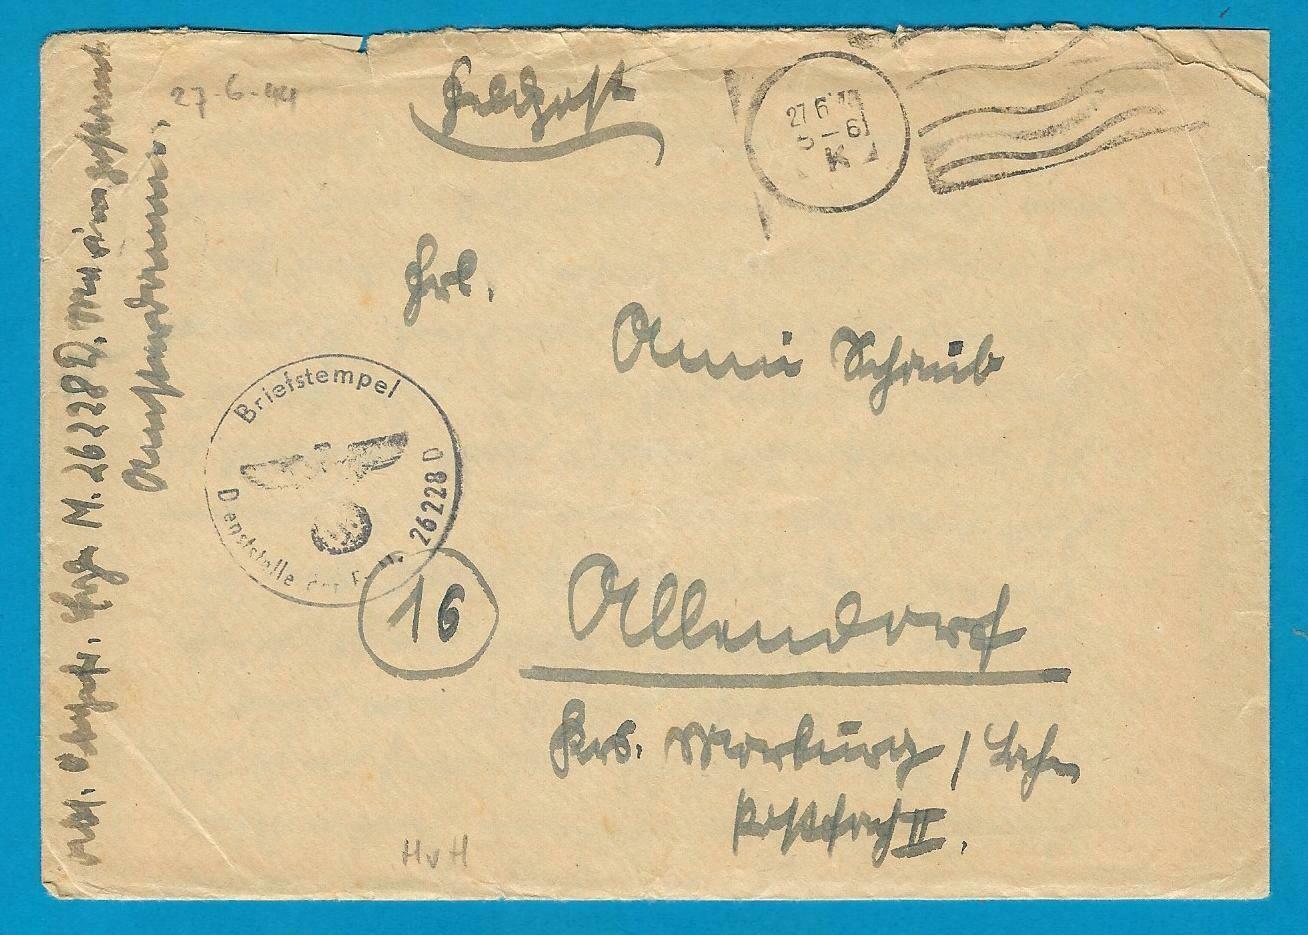 NEDERLAND veldpostbrief 1944 Hoek van Holland met inhoud